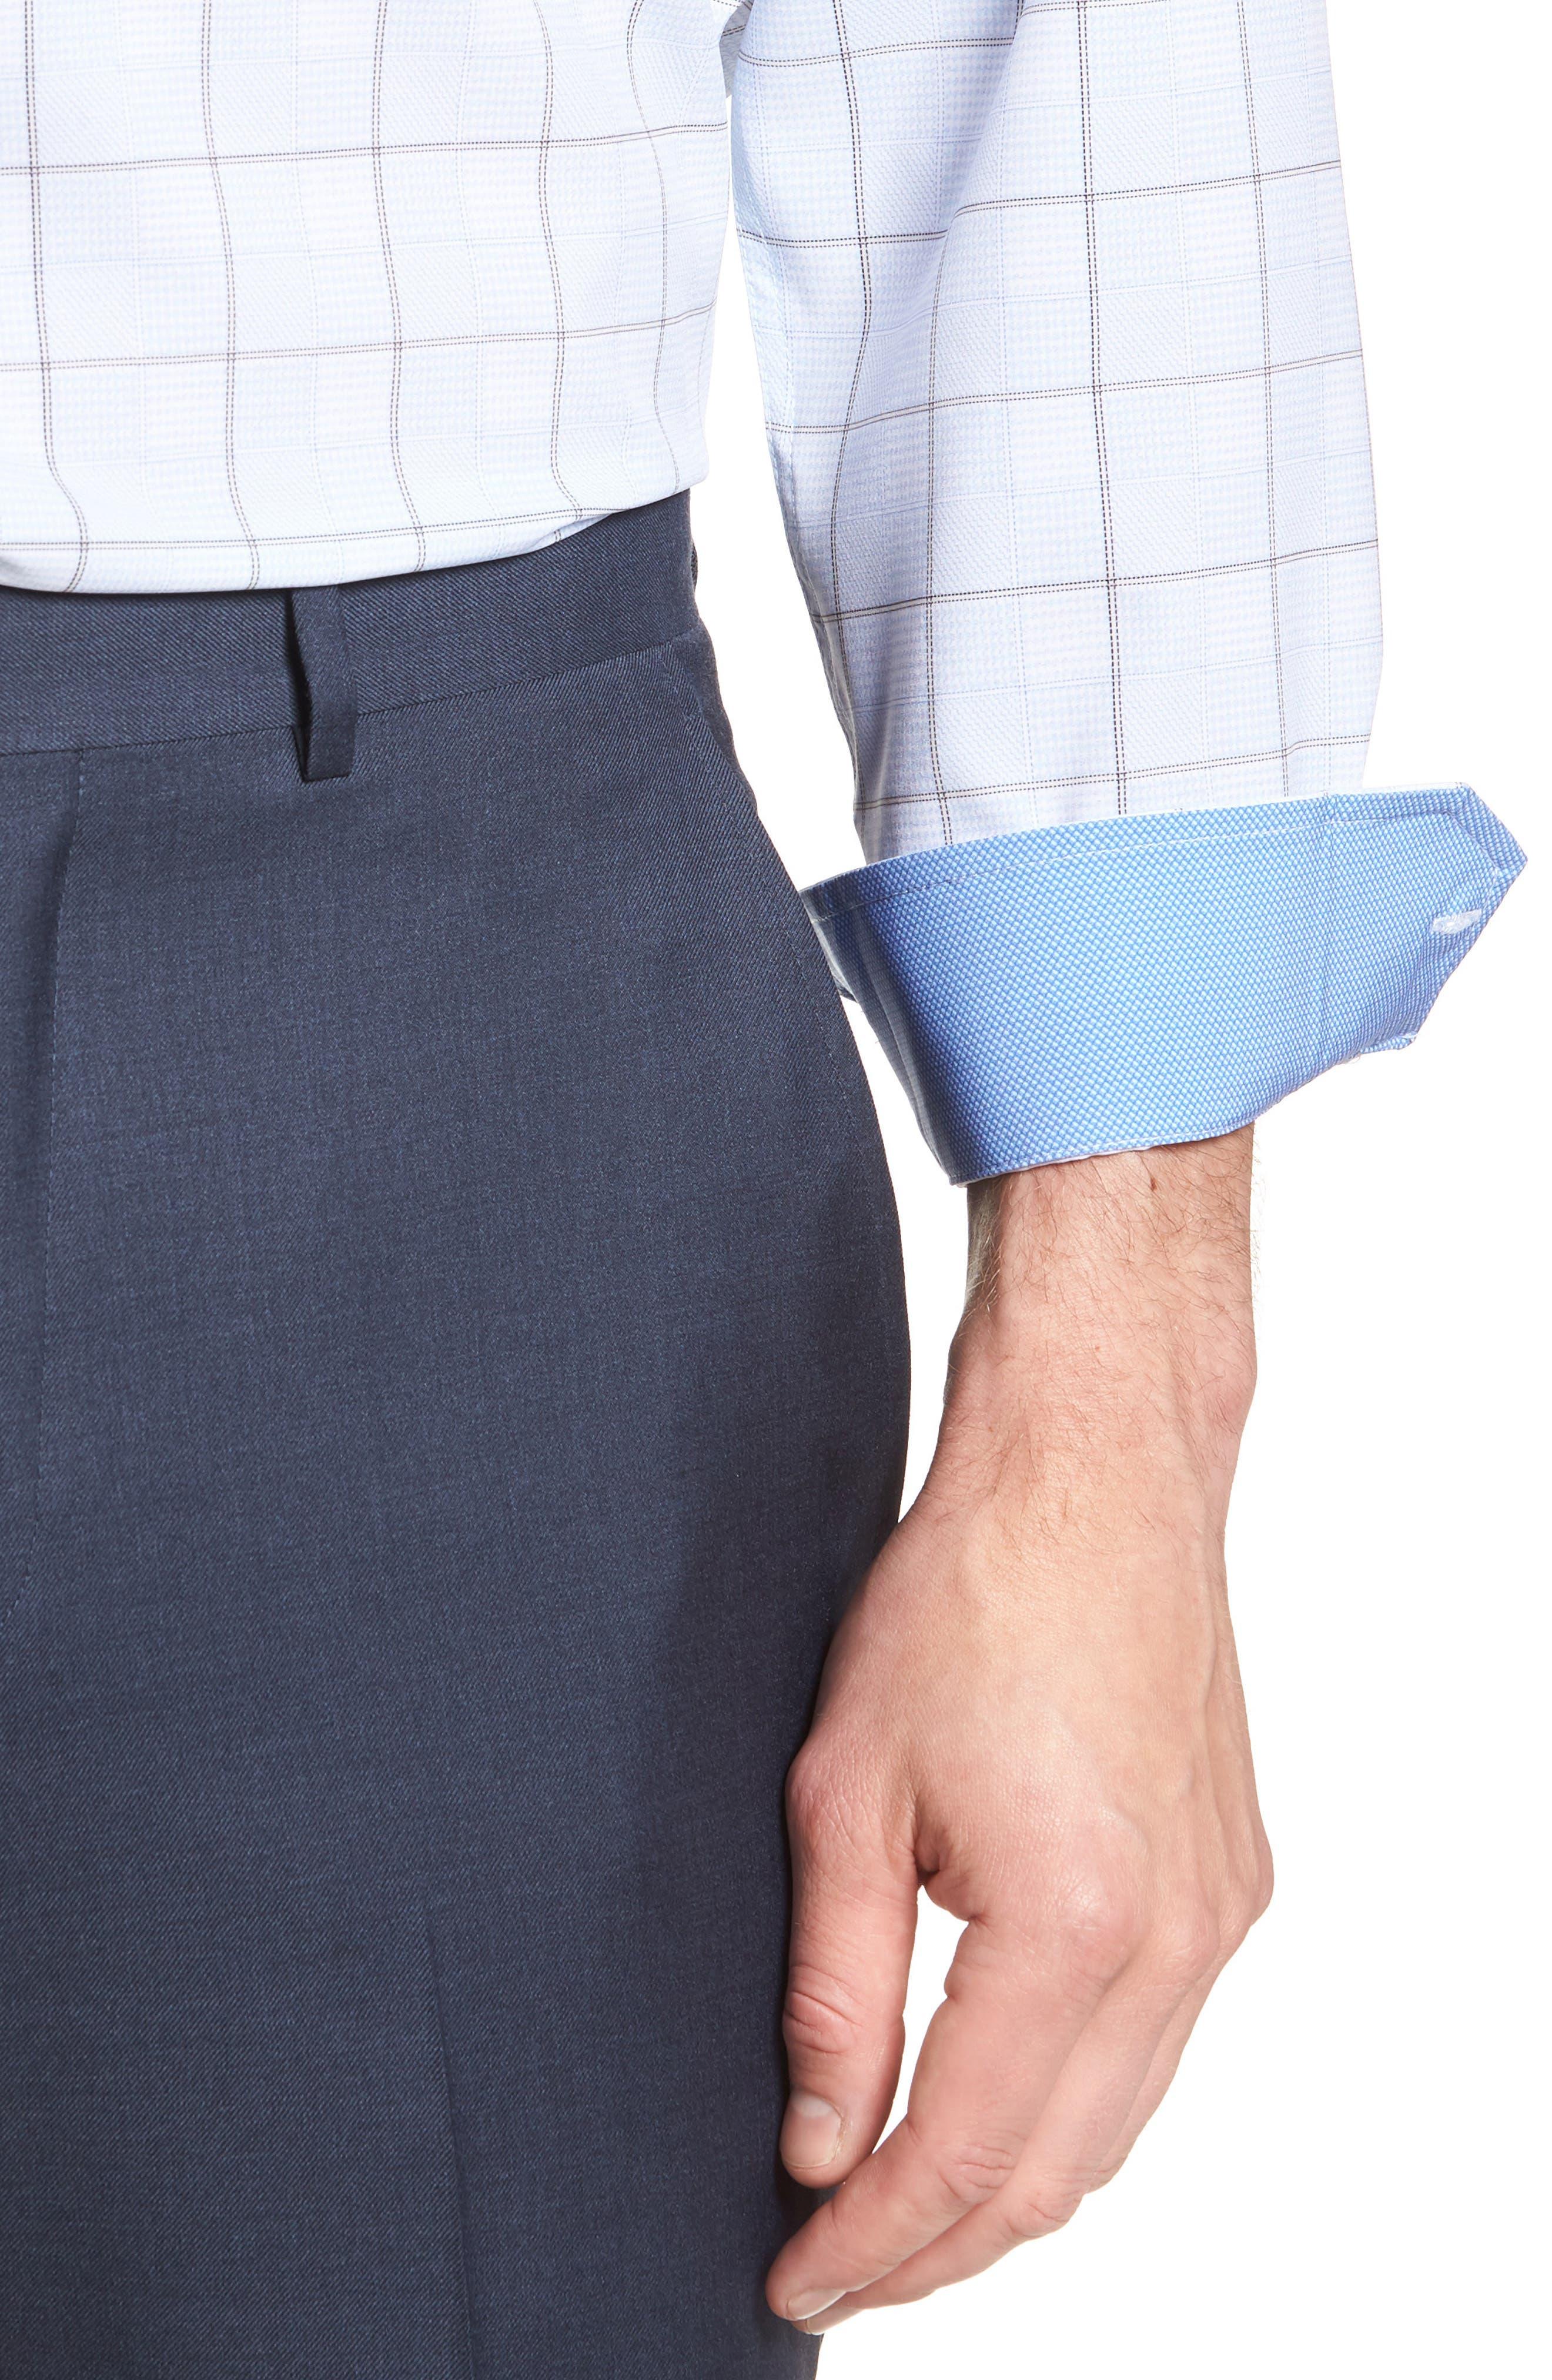 Trim Fit Plaid 4-Way Stretch Dress Shirt,                             Alternate thumbnail 2, color,                             BLUE